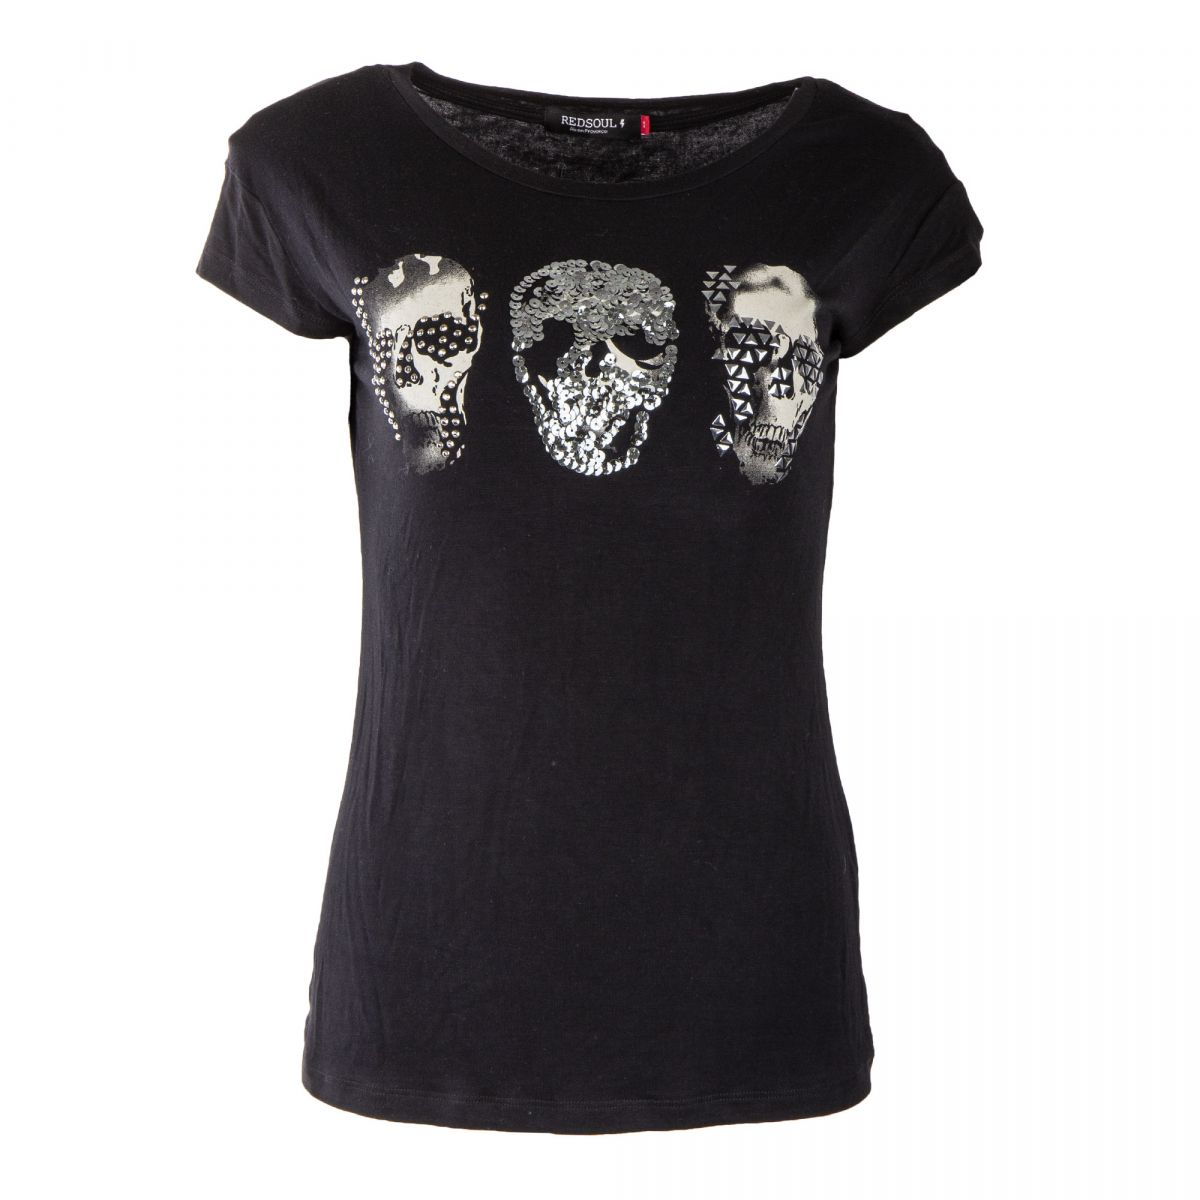 3f3d3382f48f Tee shirt sequins motif tête de mort femme RED SOUL marque pas cher prix  dégriffés destockage ...